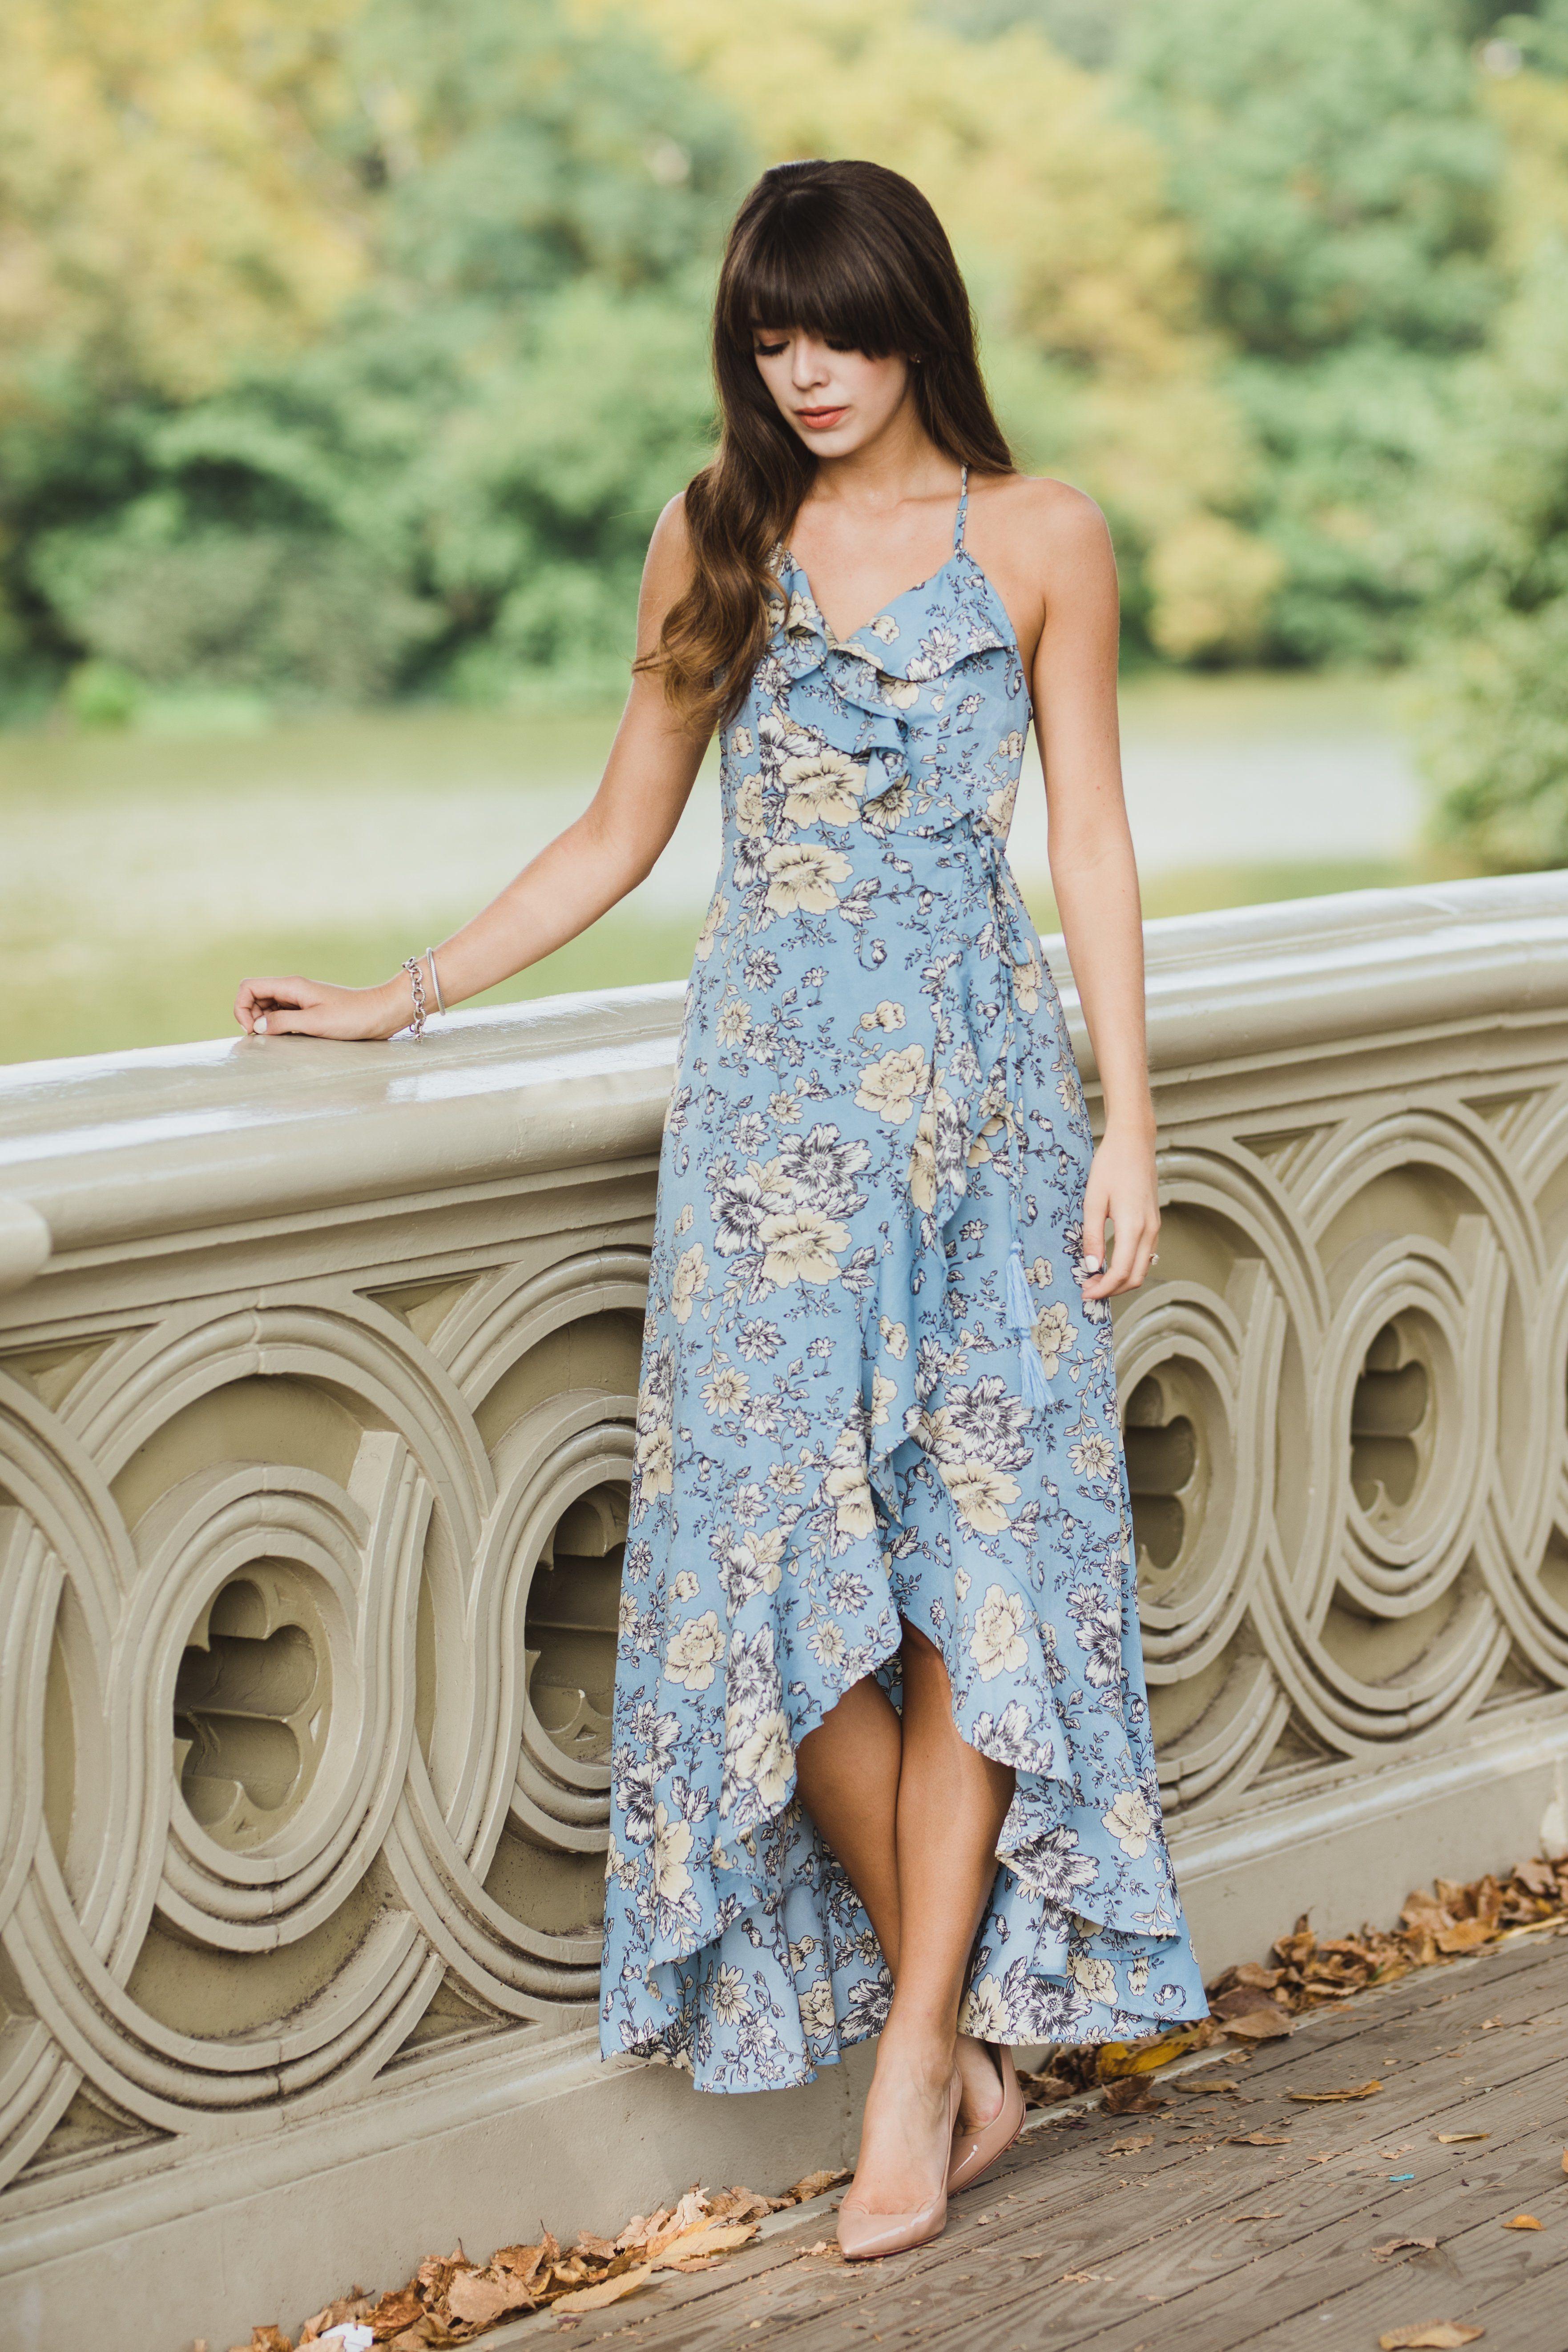 Shop Salt Flat Dress Moon River Wrap Maxi Dress Blue Floral Maxi Dress Ruffle Maxi Dress Engagement Outfit Ideas Engagm Maxi Dress Maxi Wrap Dress Dresses [ 5288 x 3525 Pixel ]